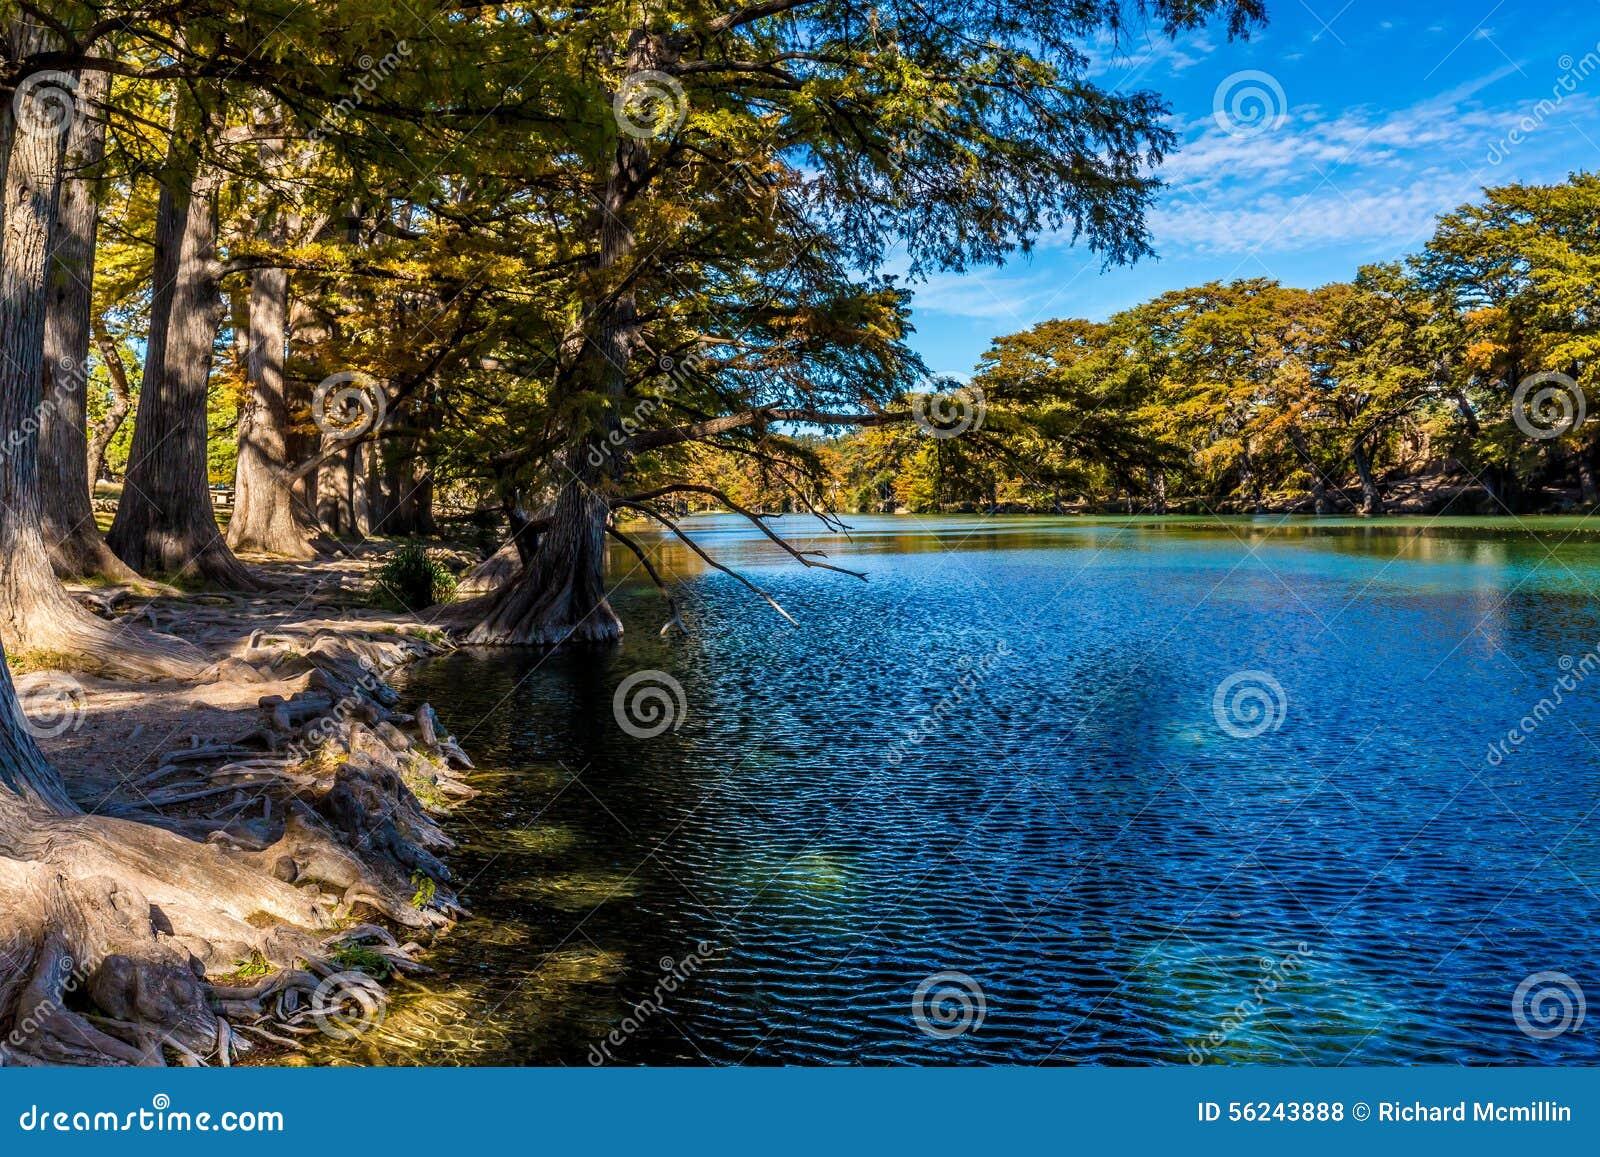 Яркий красивый листопад на Кристл - ясное река Frio